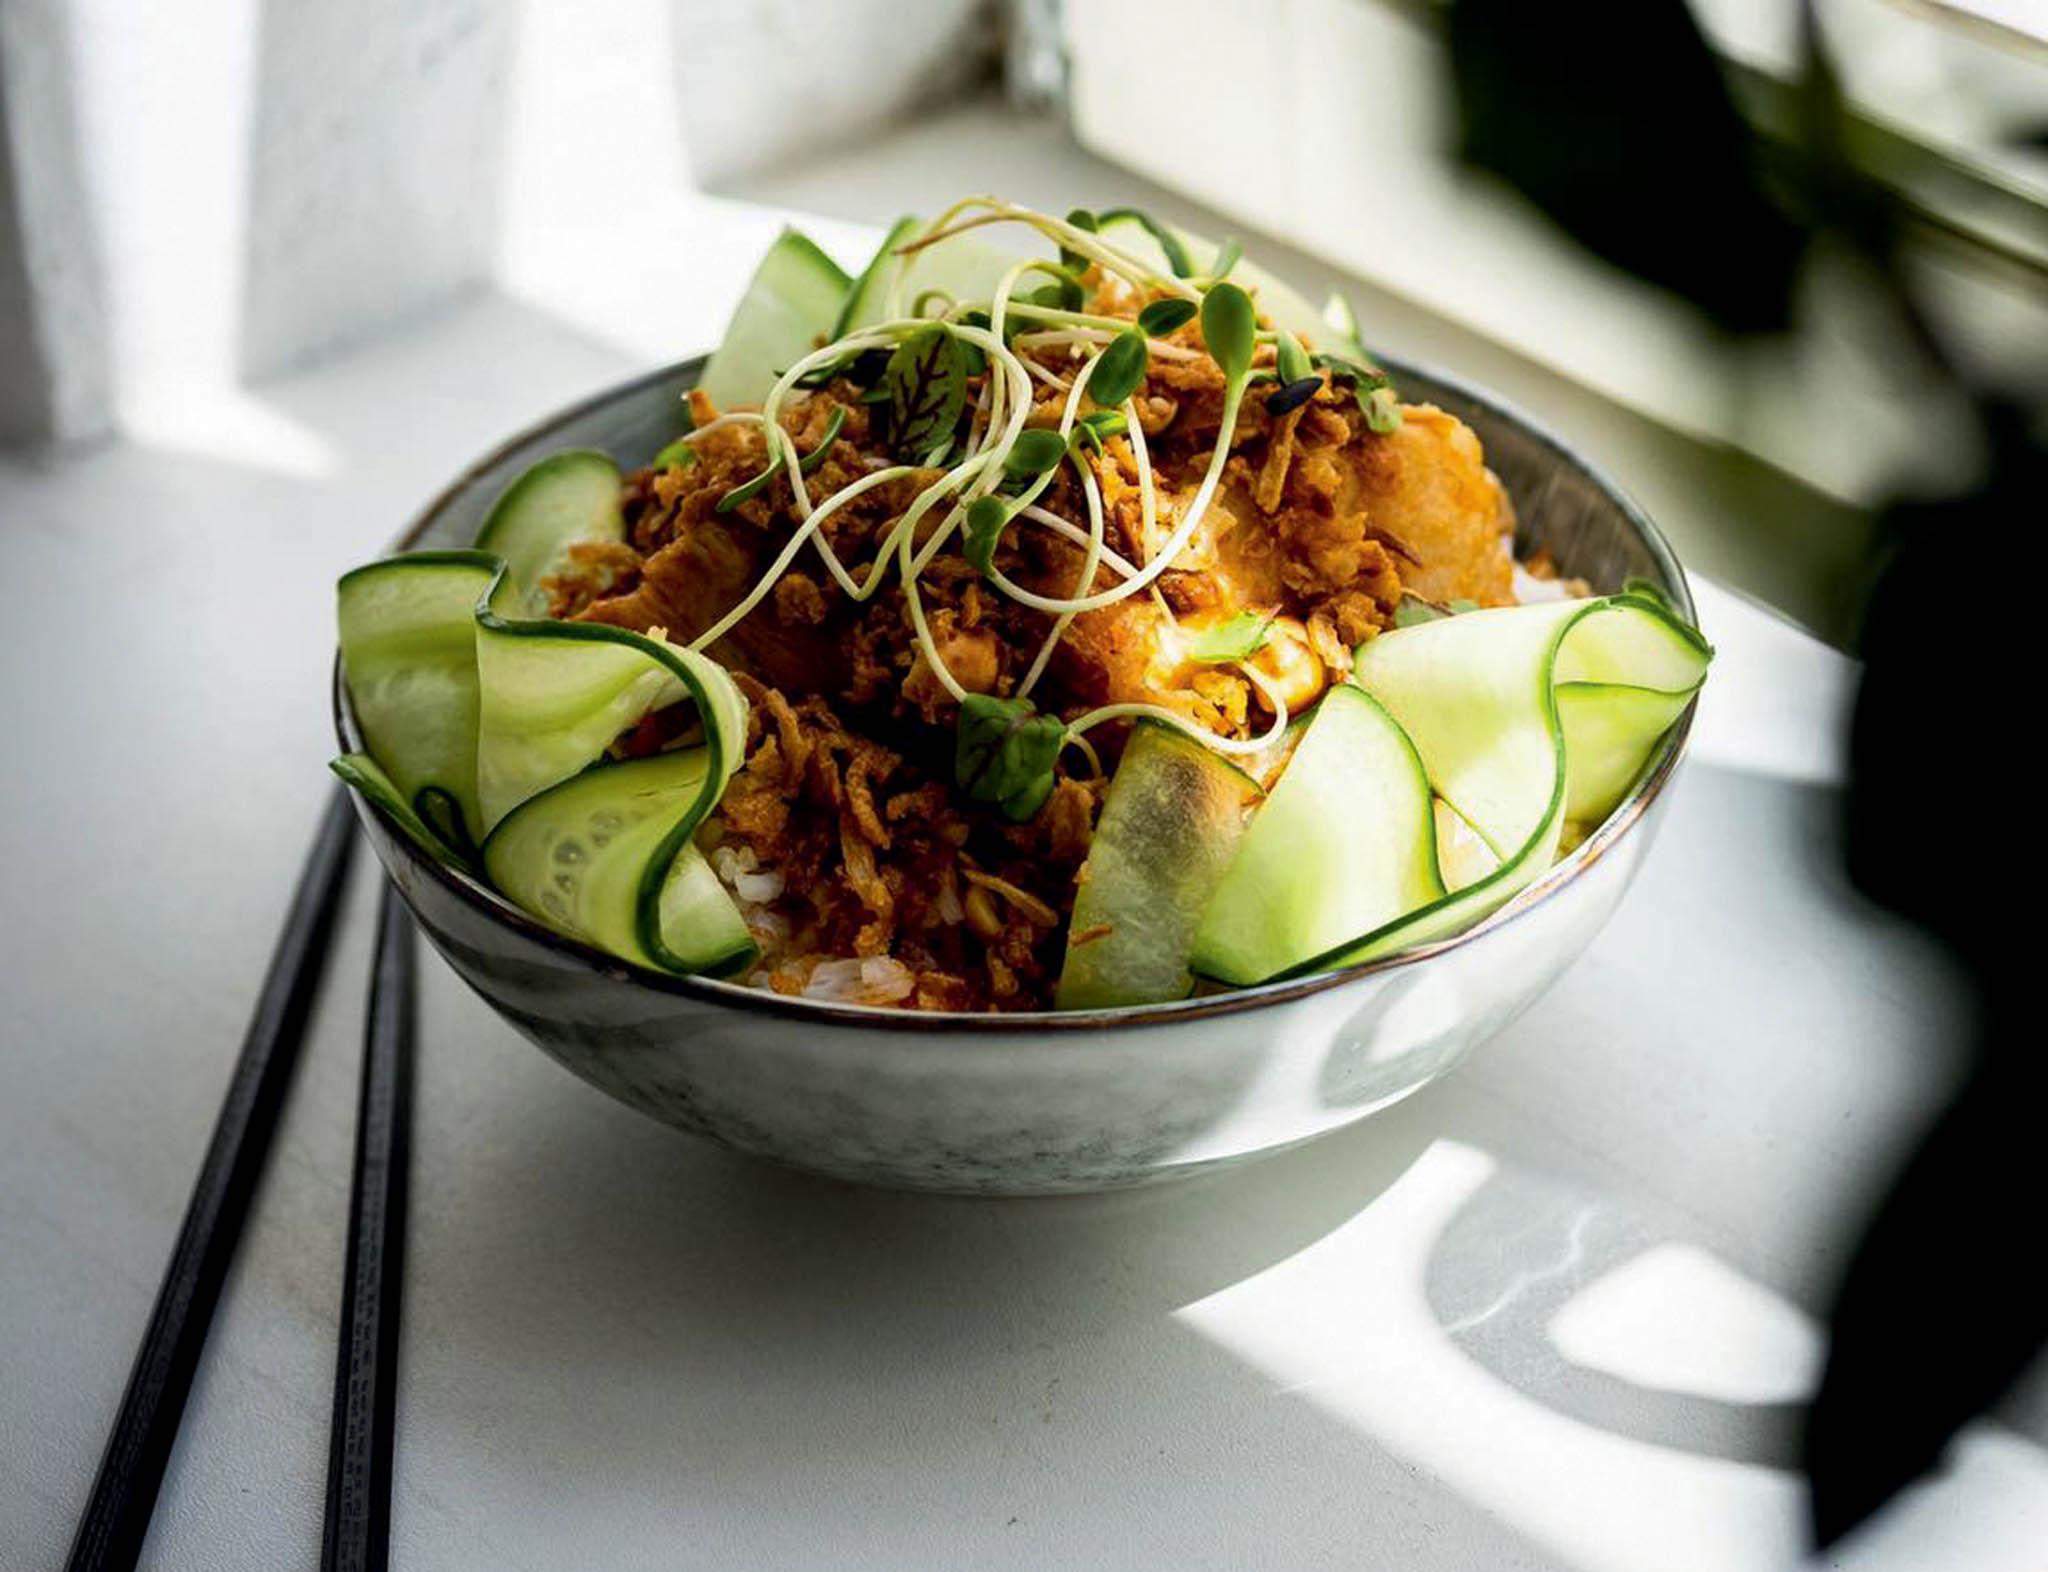 Brno má nové místo, kam zajít navietnamskou kuchyni apro fotky krásného interiéru naváš Instagram. Ochutnejte bao knedlíček spomalu pečeným bůčkem asladkokyselou omáčkou nebo rýži sjackfruitem.